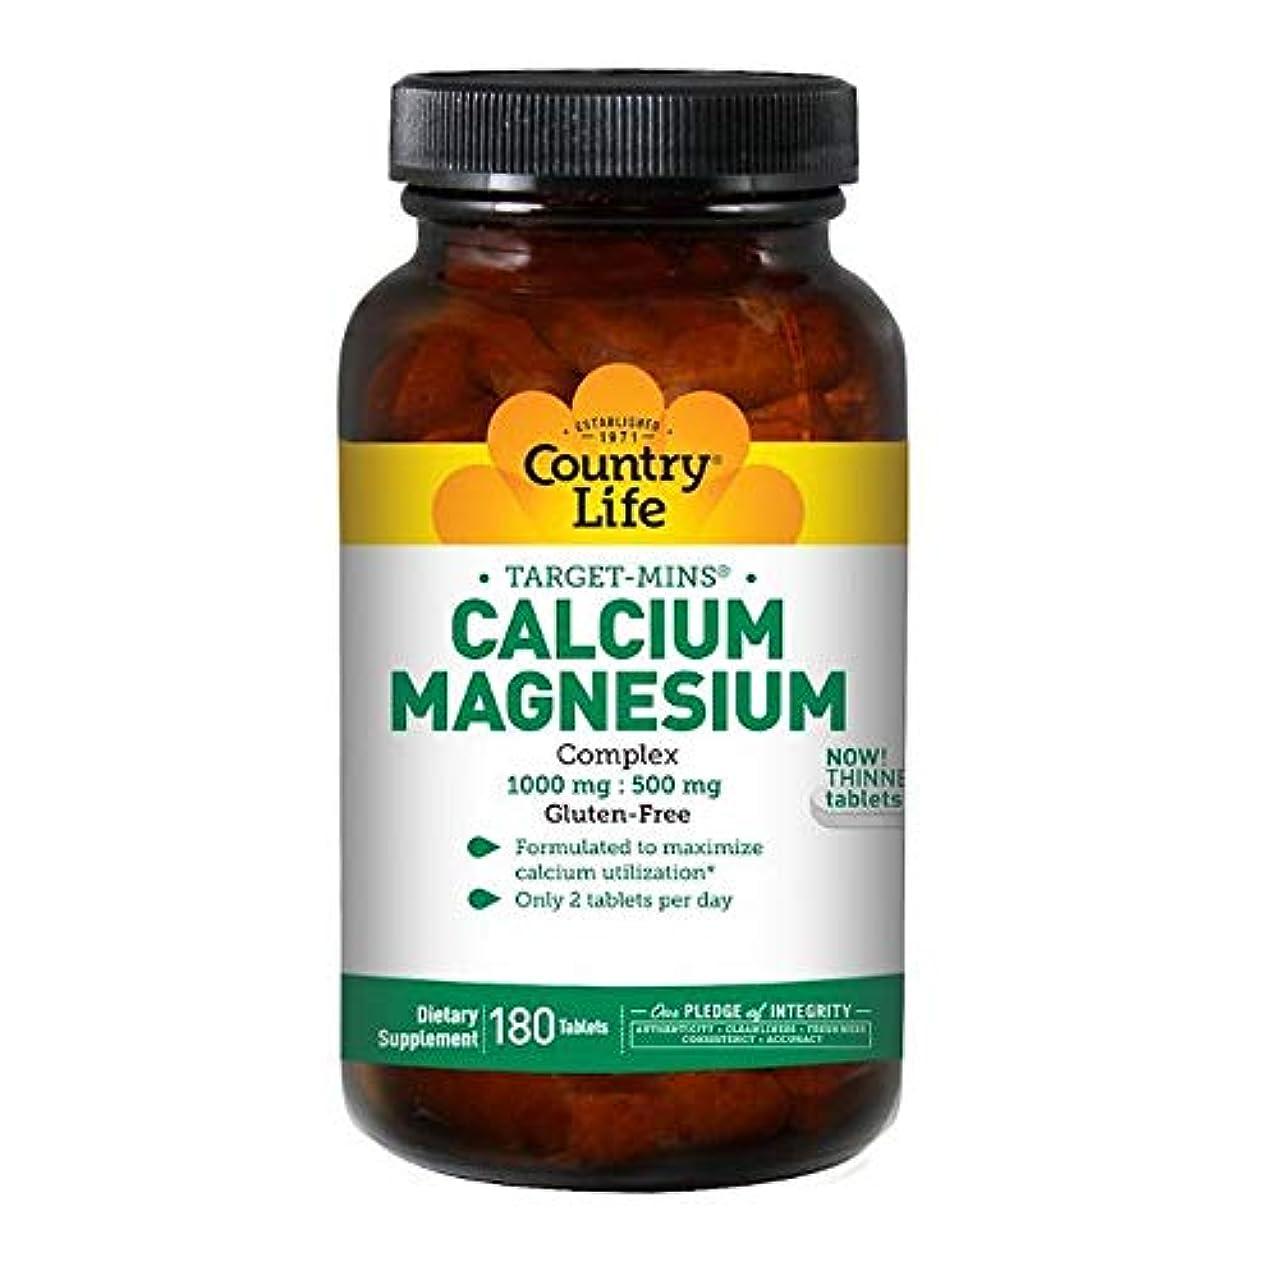 一節華氏コールCountry Life ターゲット ミネラル カルシウム マグネシウム 複合体 180錠 【アメリカ直送】